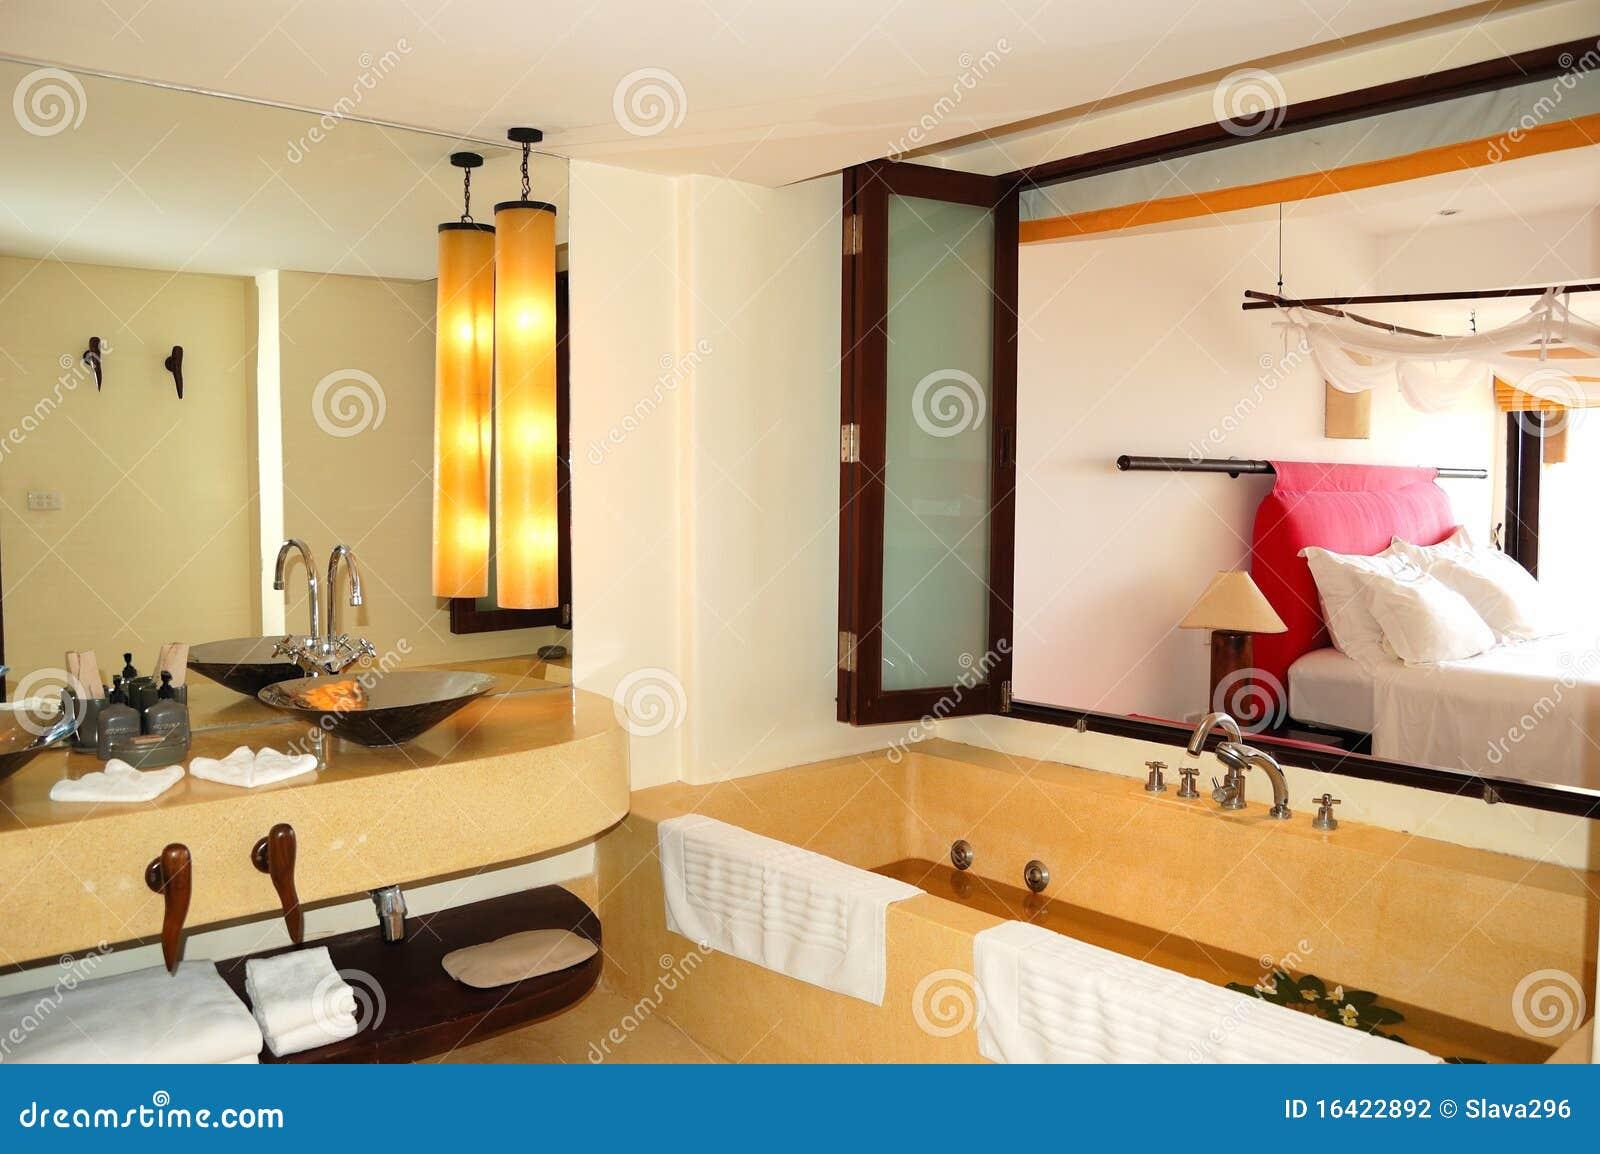 Int rieur moderne de salle de bains la villa de luxe for Interieur salle de bain